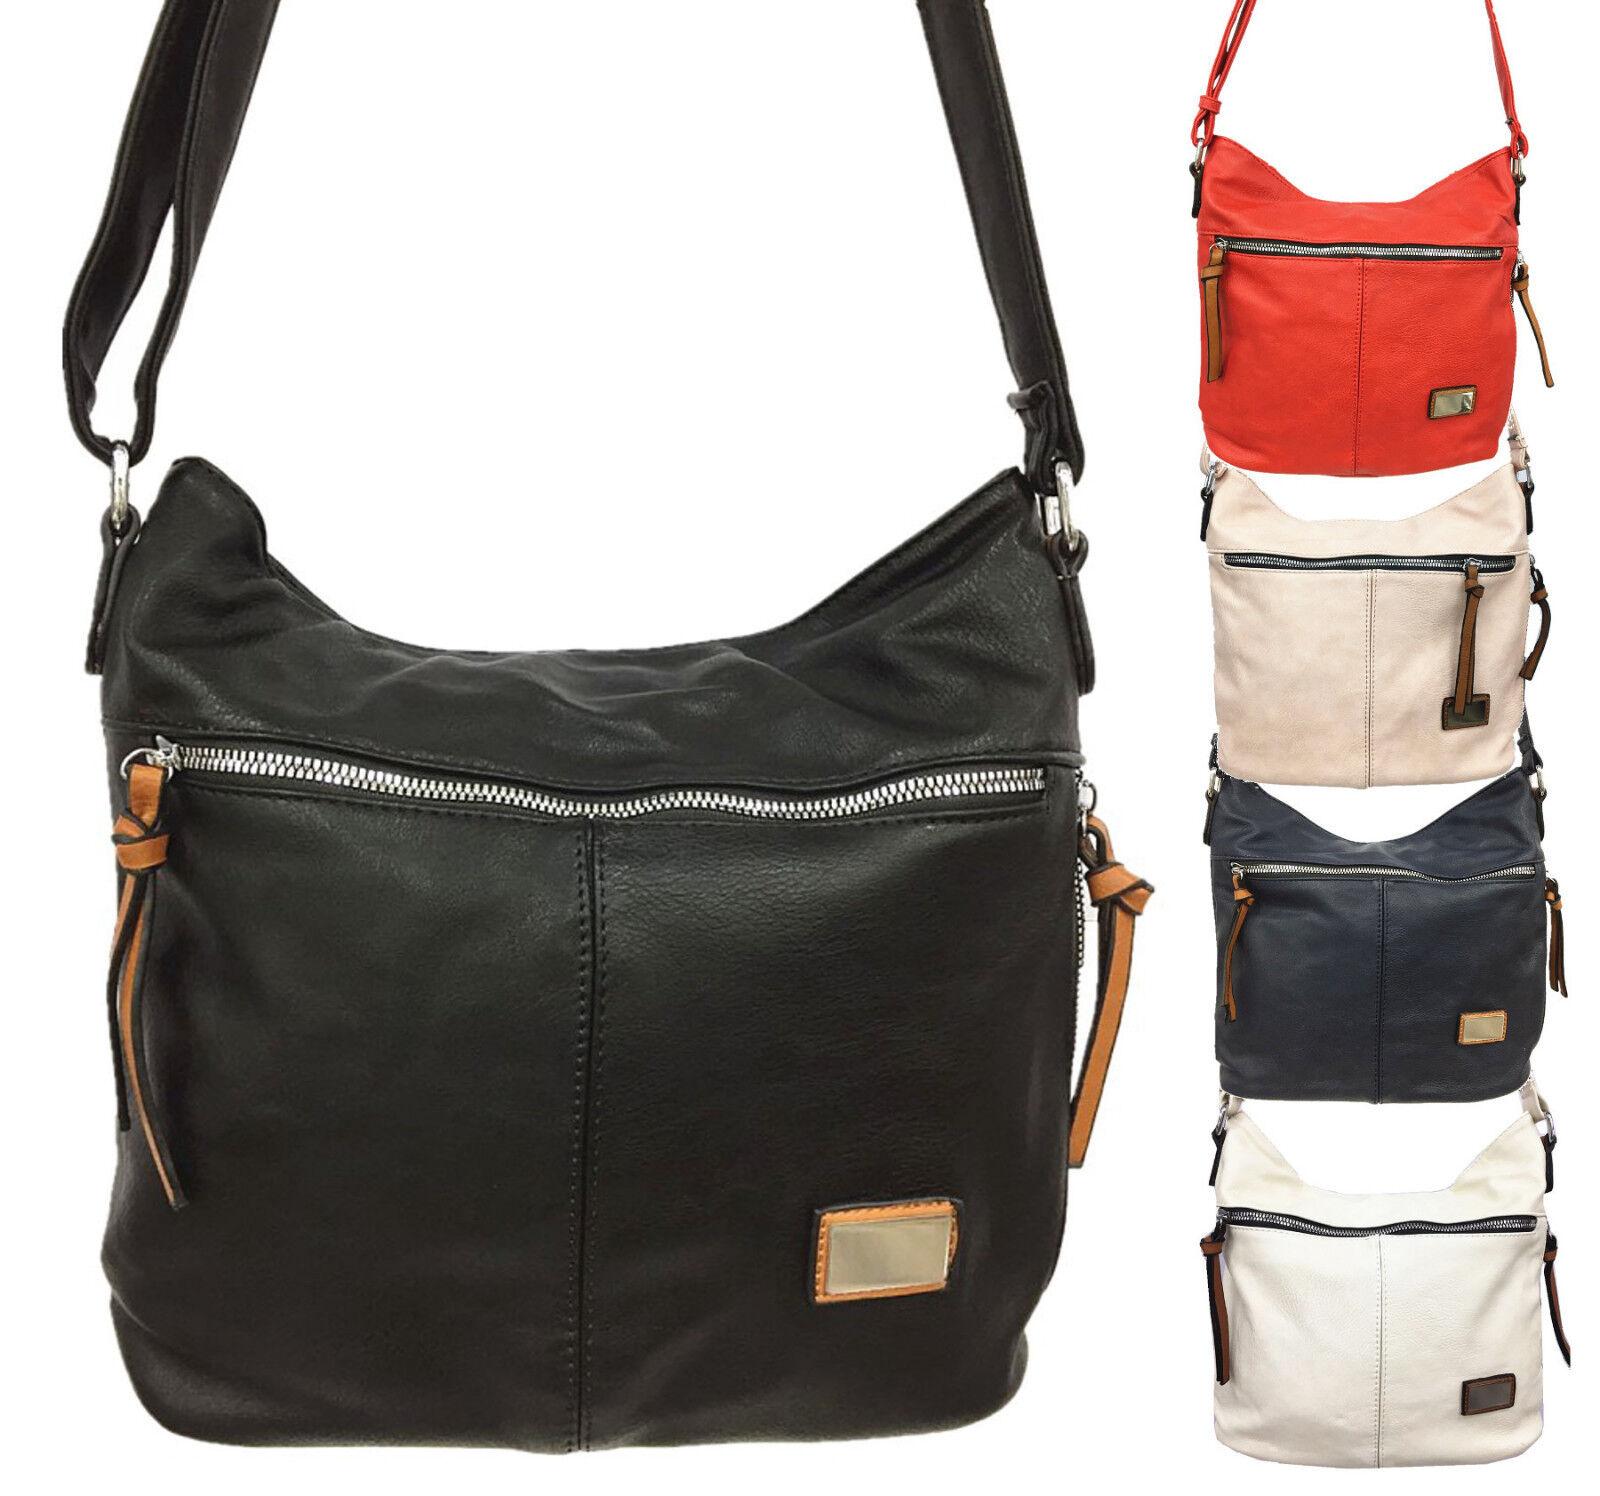 Handtasche Damen schwarz Damentasche Schultertasche Hobo Tasche Kunstleder 1424